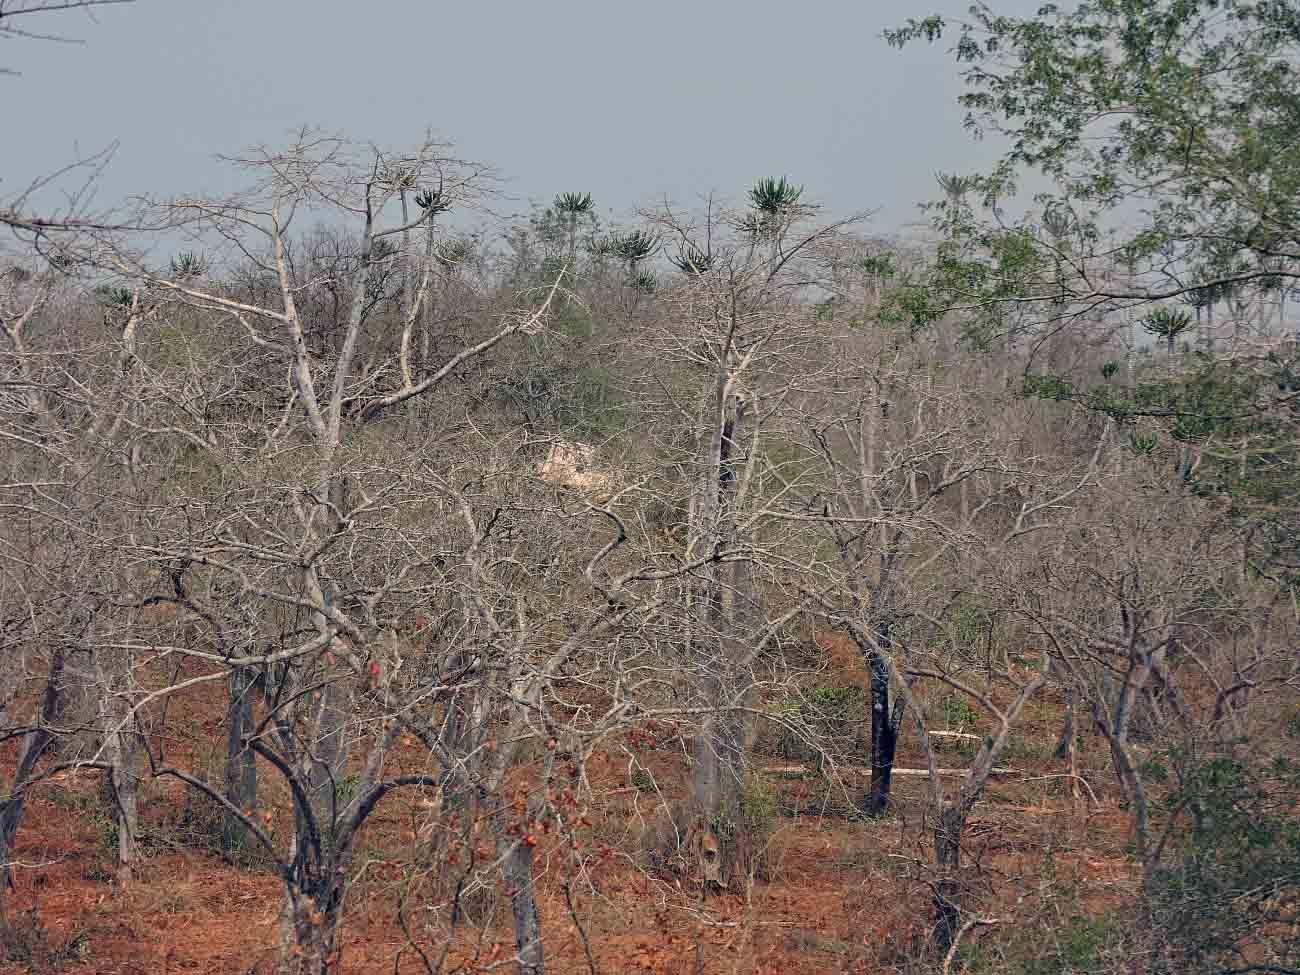 処理が進むにつれ安全地帯から遠くなるとともに大きな木は残すため撮影も困難になってきました